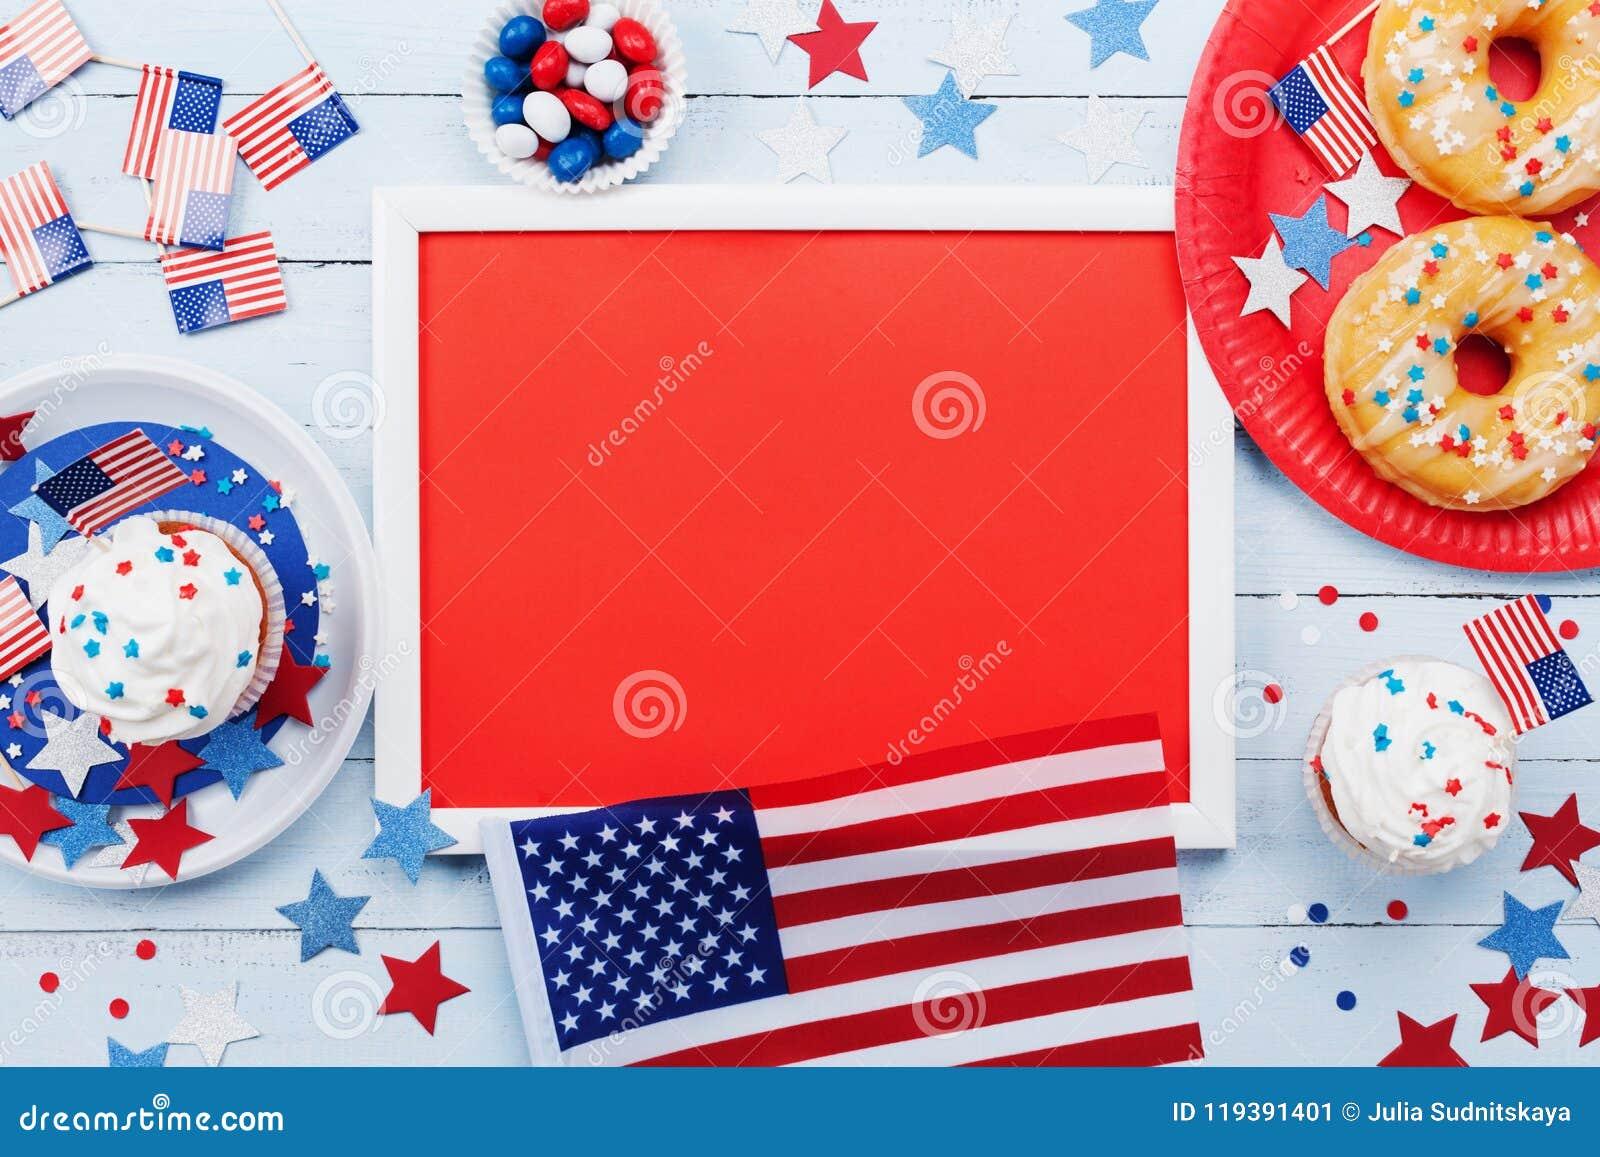 Lycklig självständighetsdagen4th juli modell med amerikanska flaggan och söta foods som dekoreras med stjärnor och konfettier Top